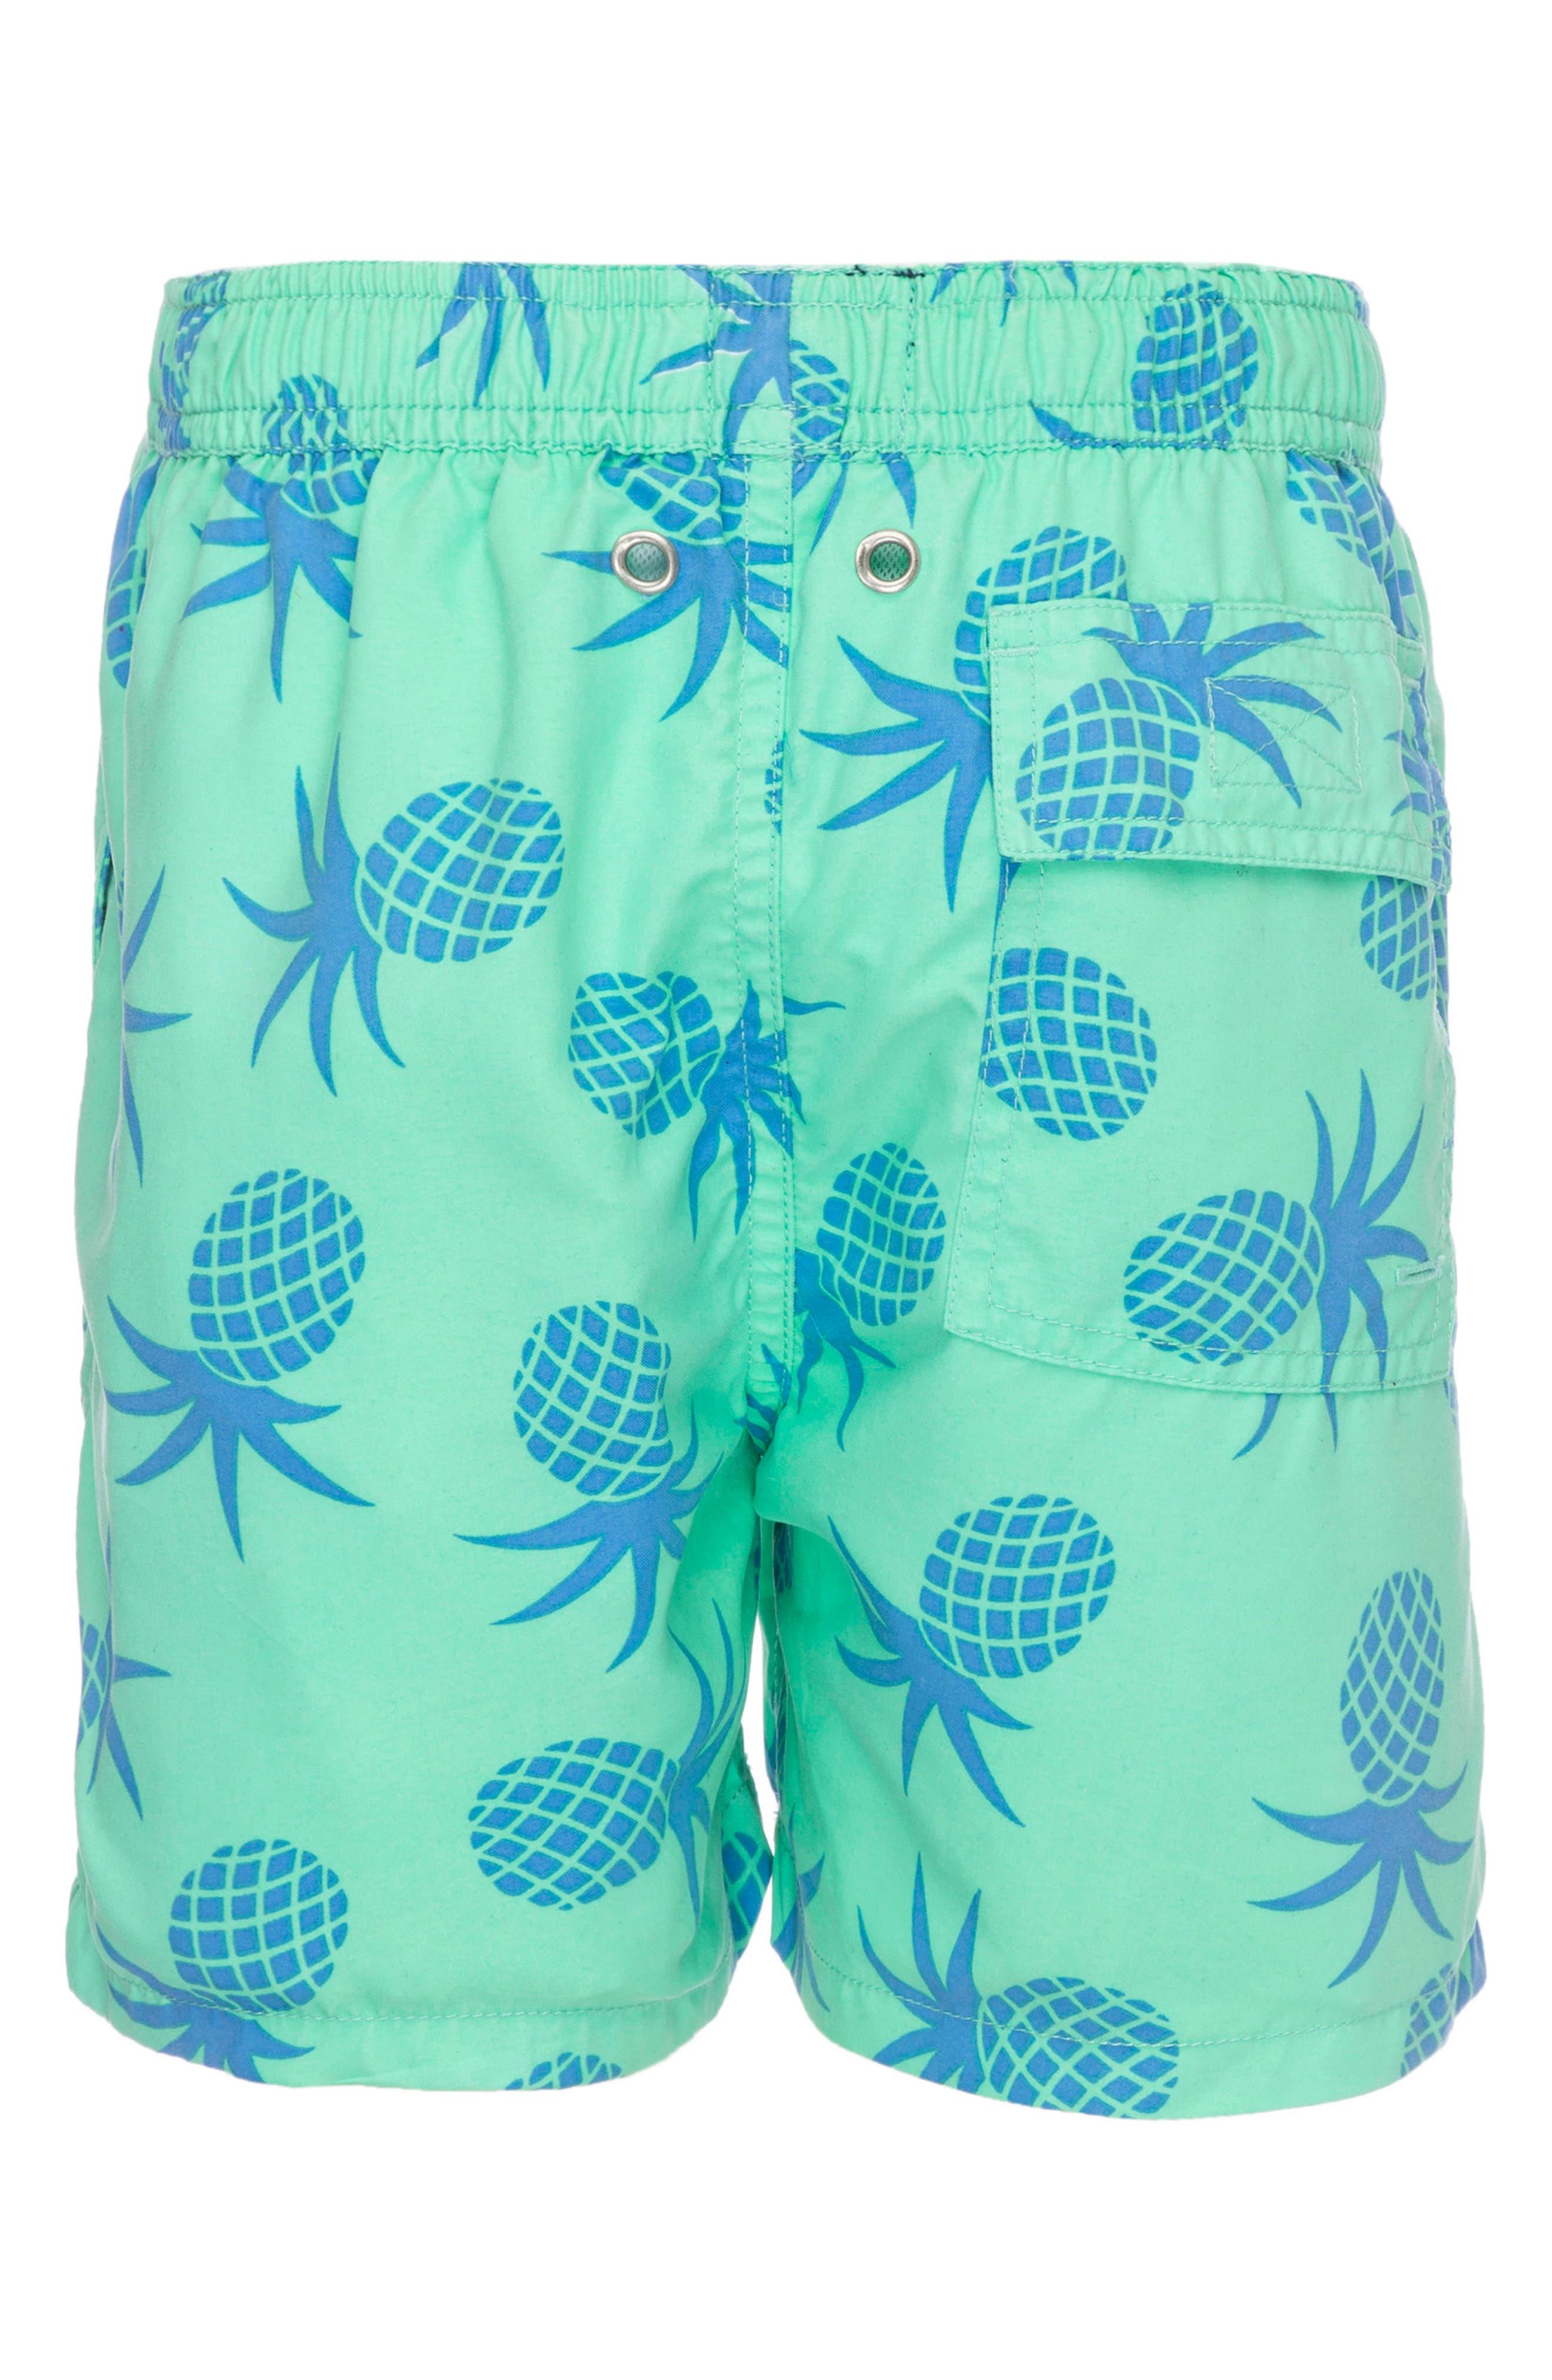 Pineapple Swim Trunks,                             Alternate thumbnail 2, color,                             JADE GREEN